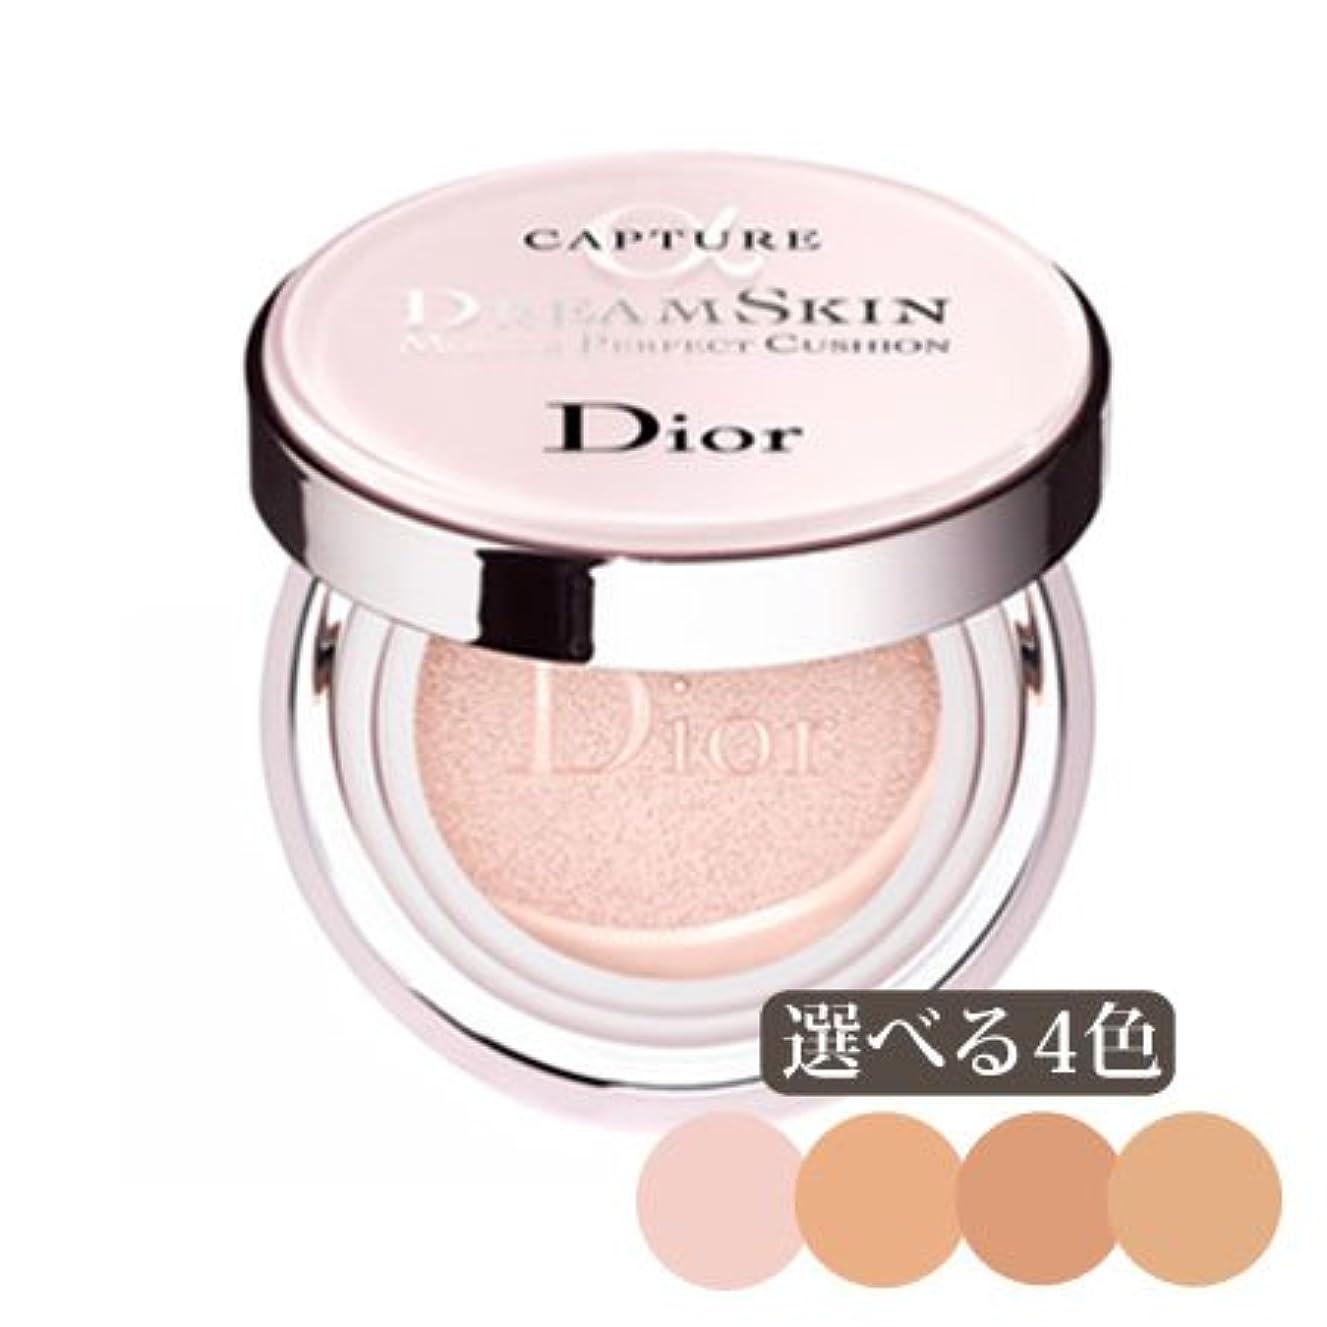 インテリア体真珠のようなディオール カプチュール ドリームスキン モイスト クッション 選べる4色 -Dior- 012